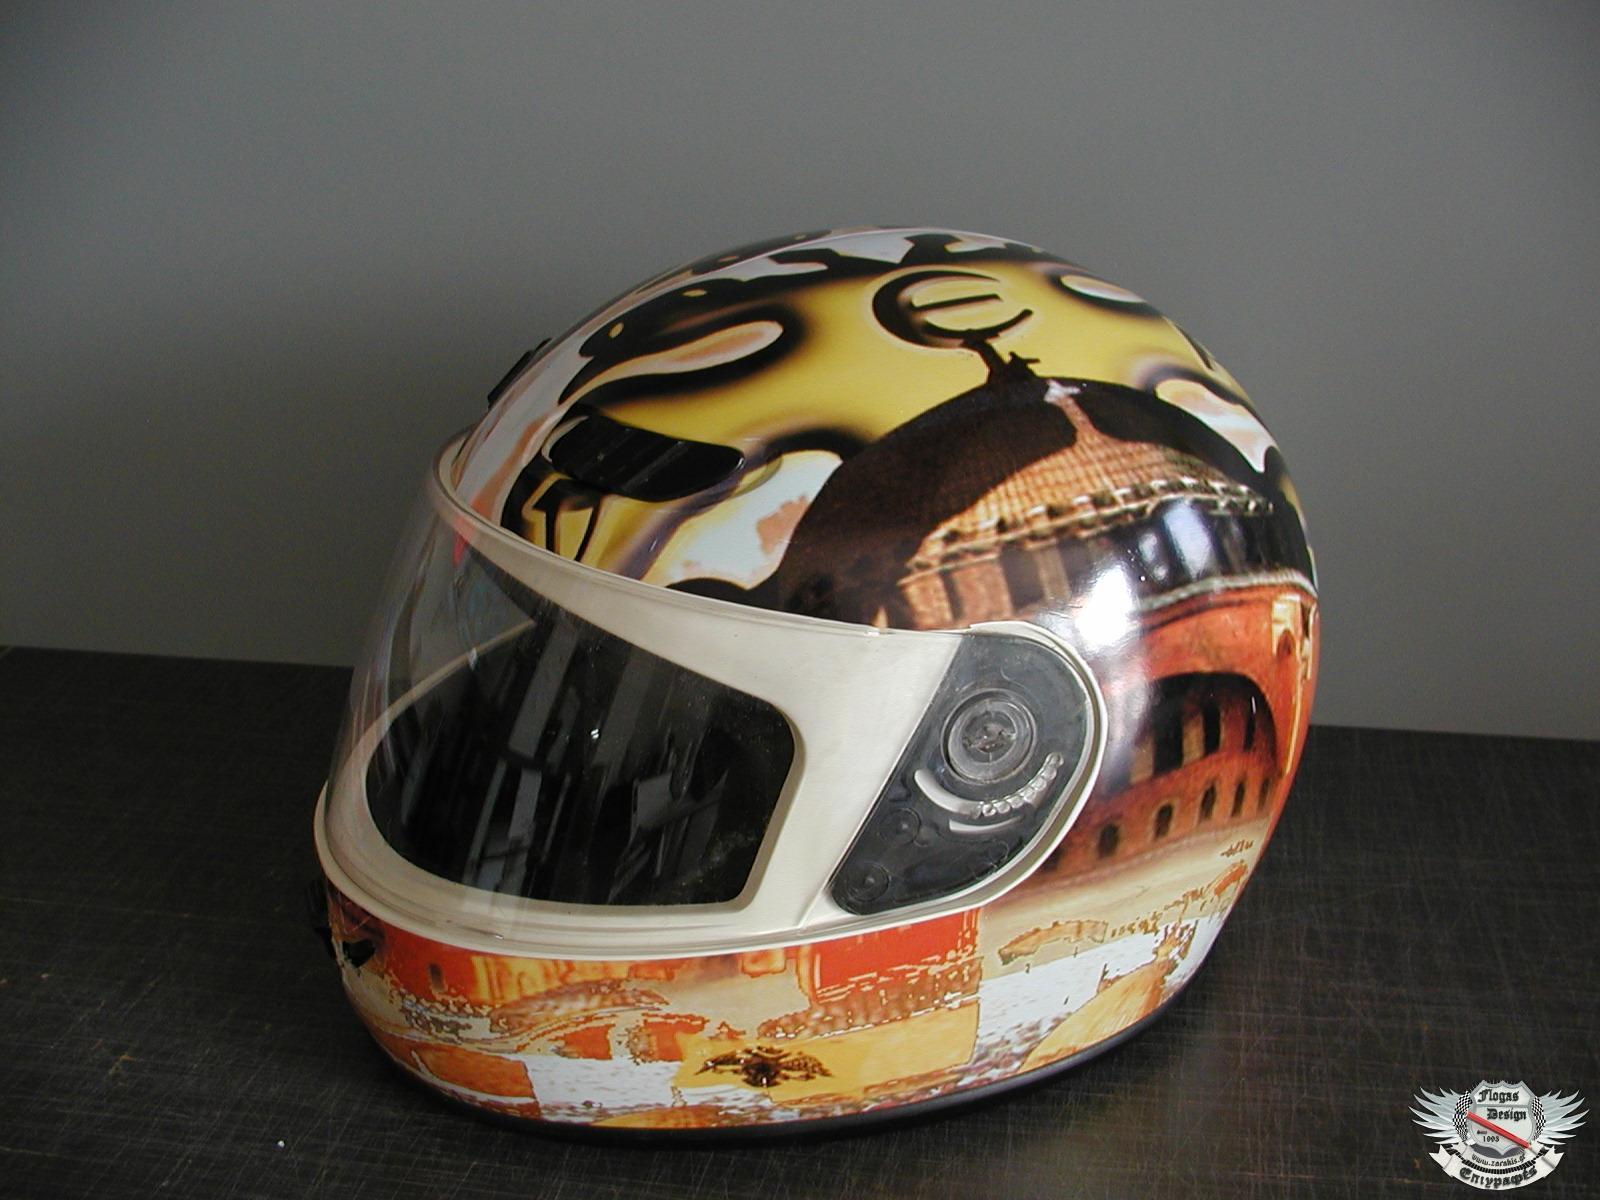 καλυψη,βυνίλιο,wrap,helmet